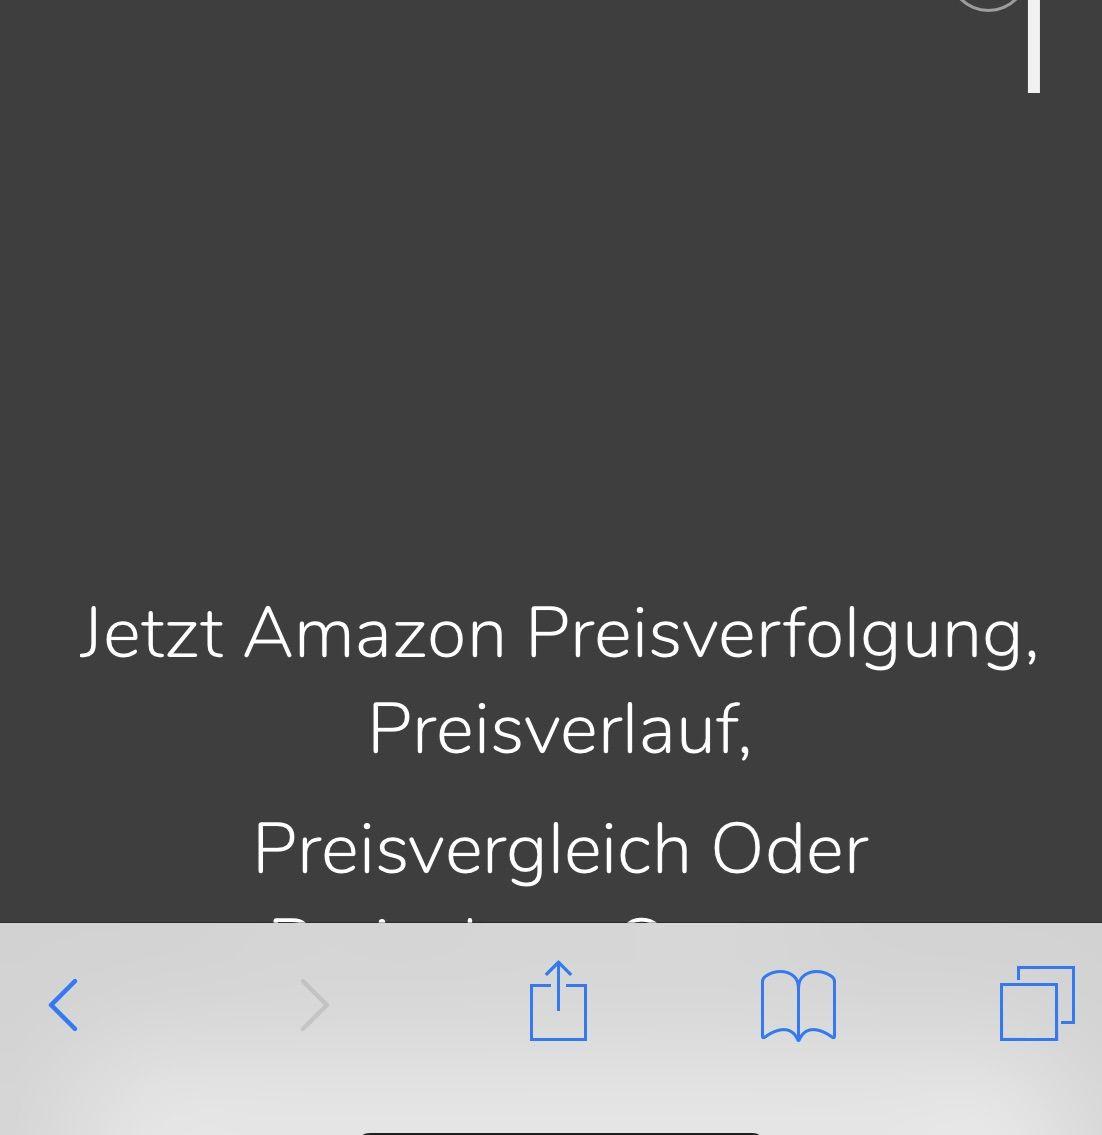 Amazon Preise beobachten-Anleitung 2